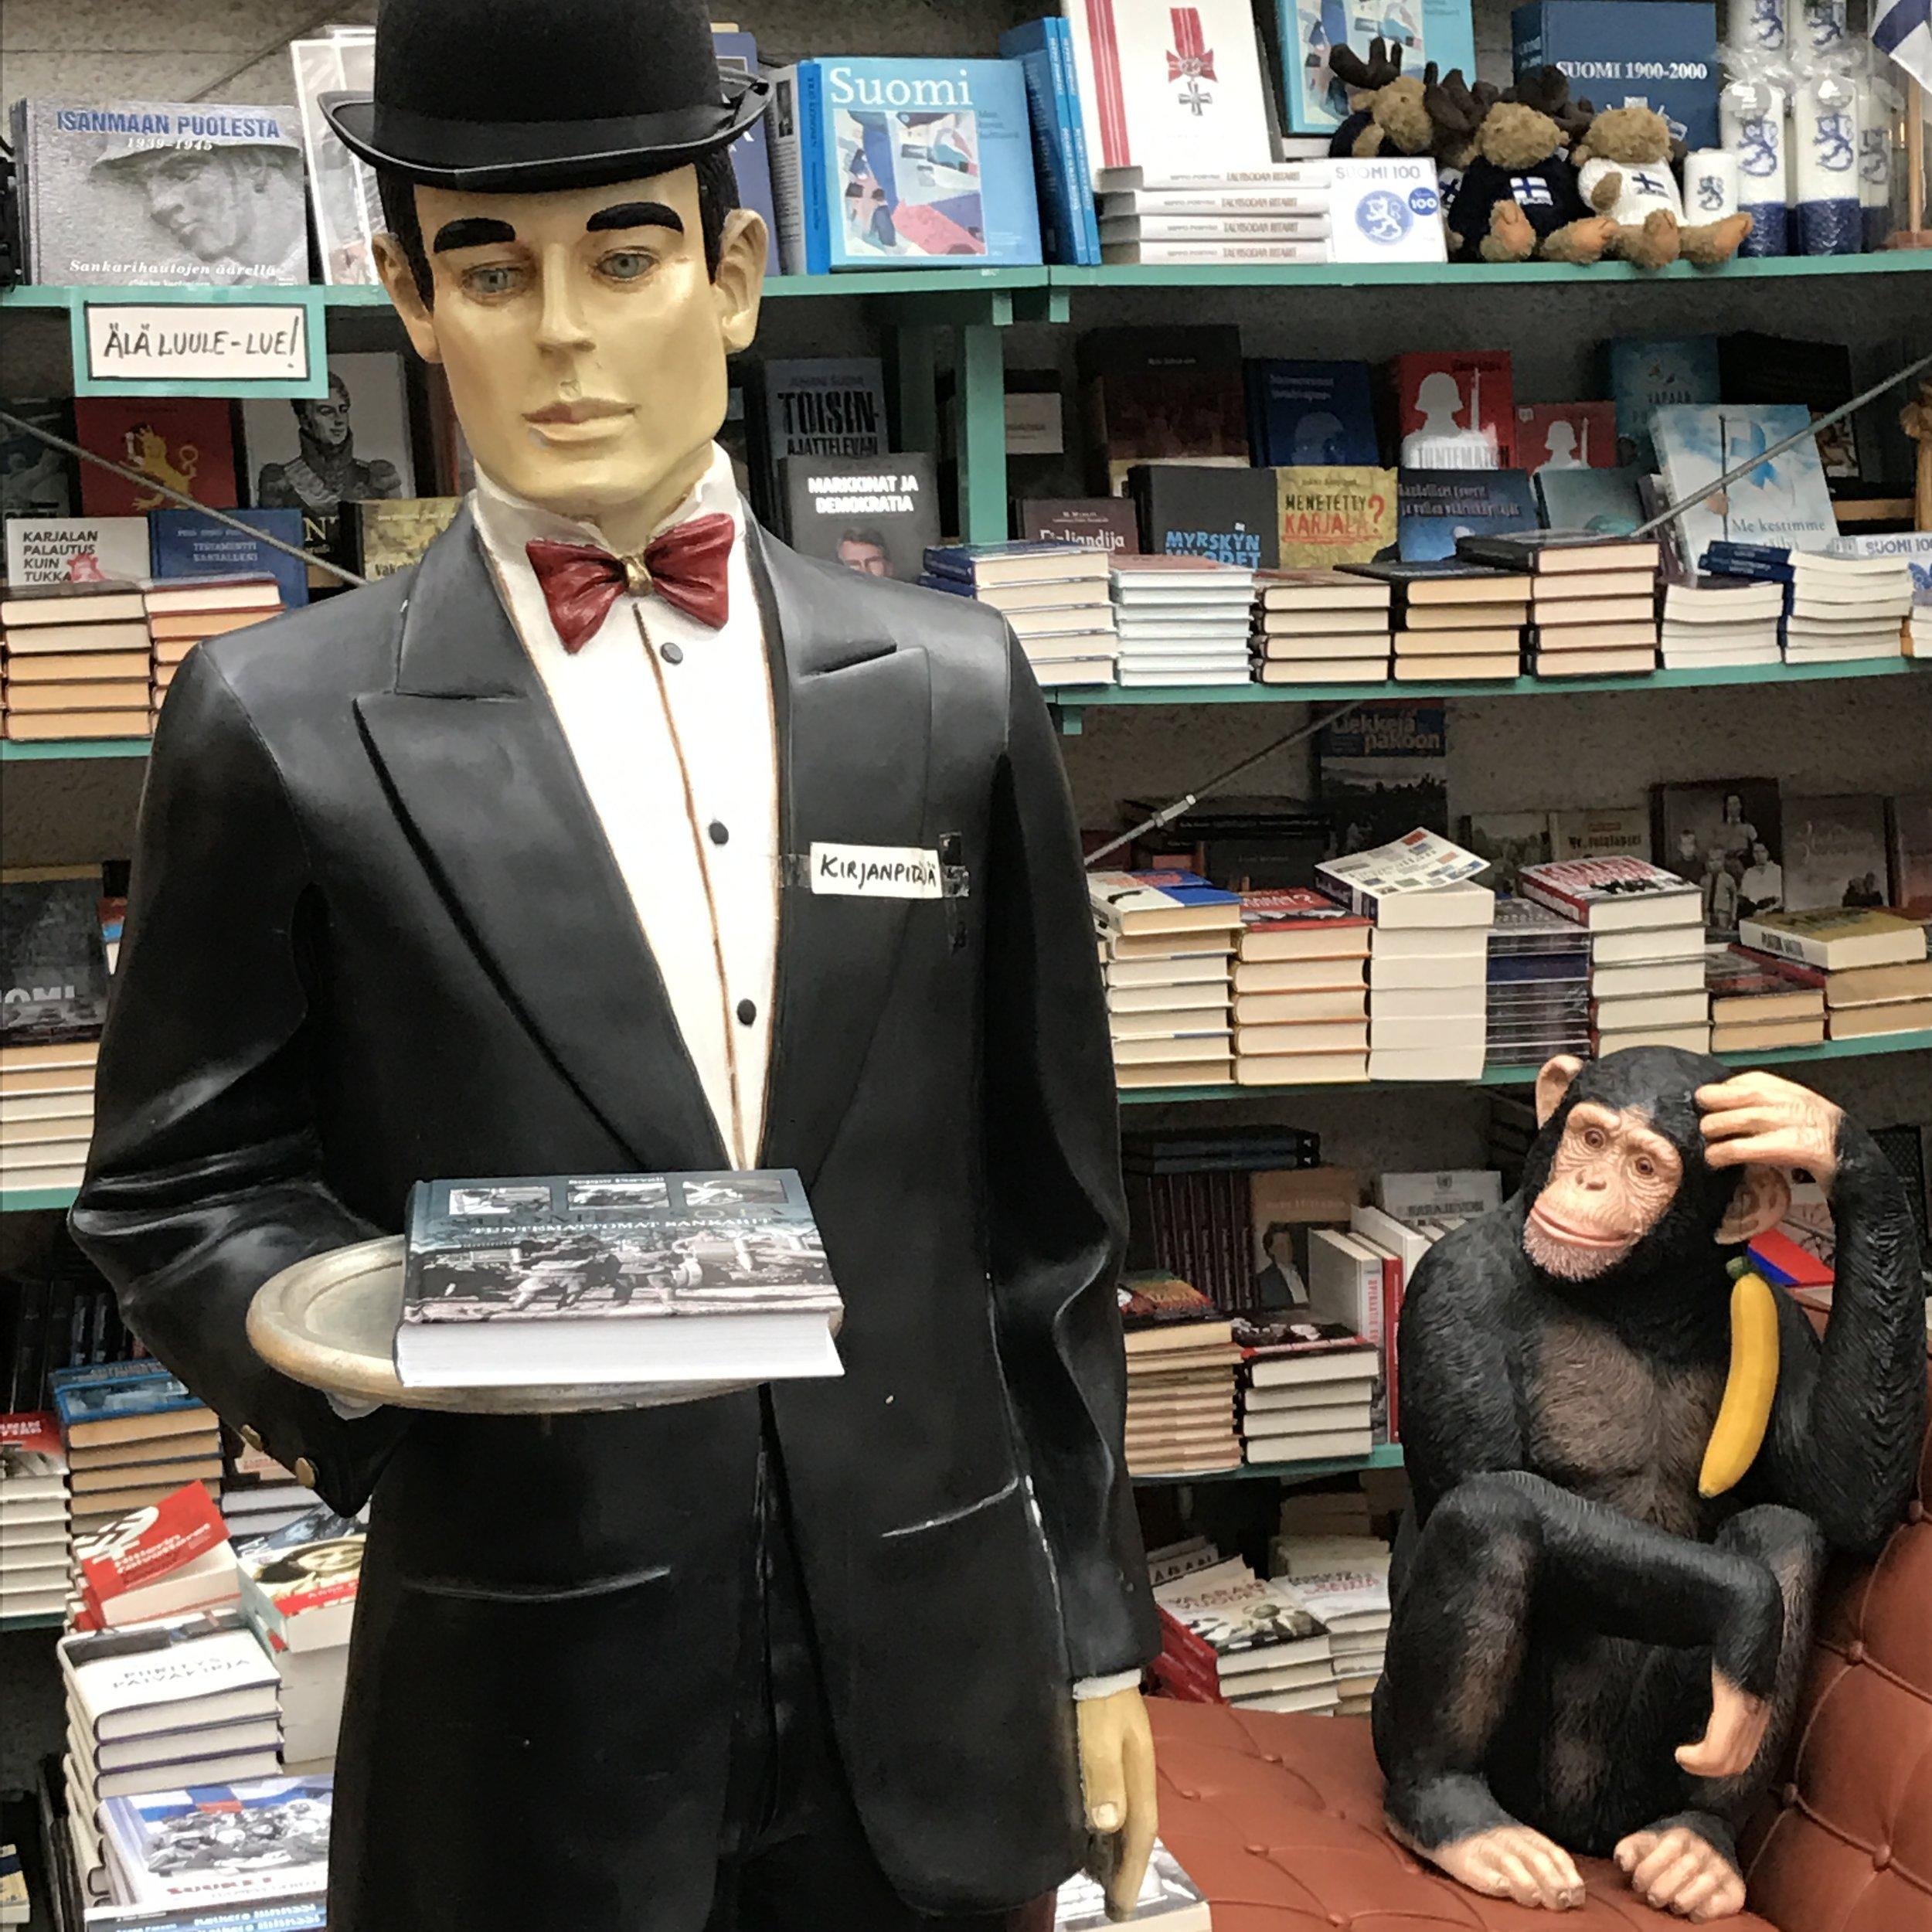 Kirjanpitäjä patsas 1100€